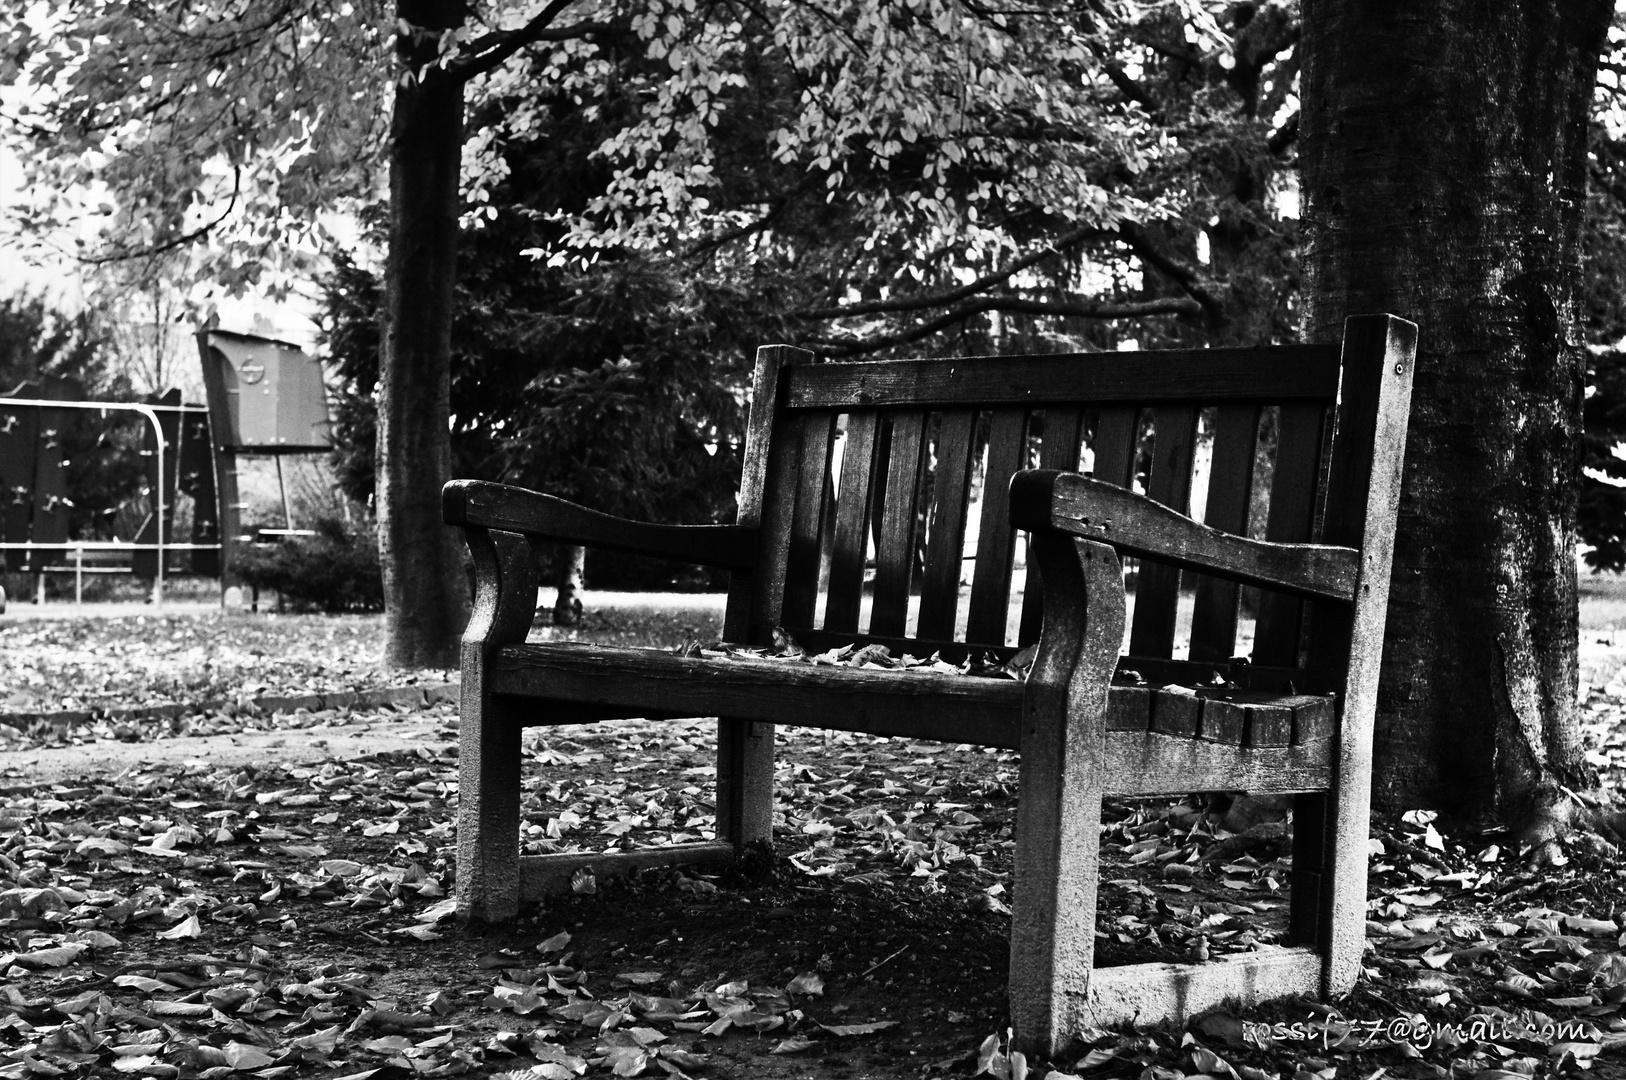 Autunno in bianco e nero foto immagini le stagioni dell for Foto hd bianco e nero